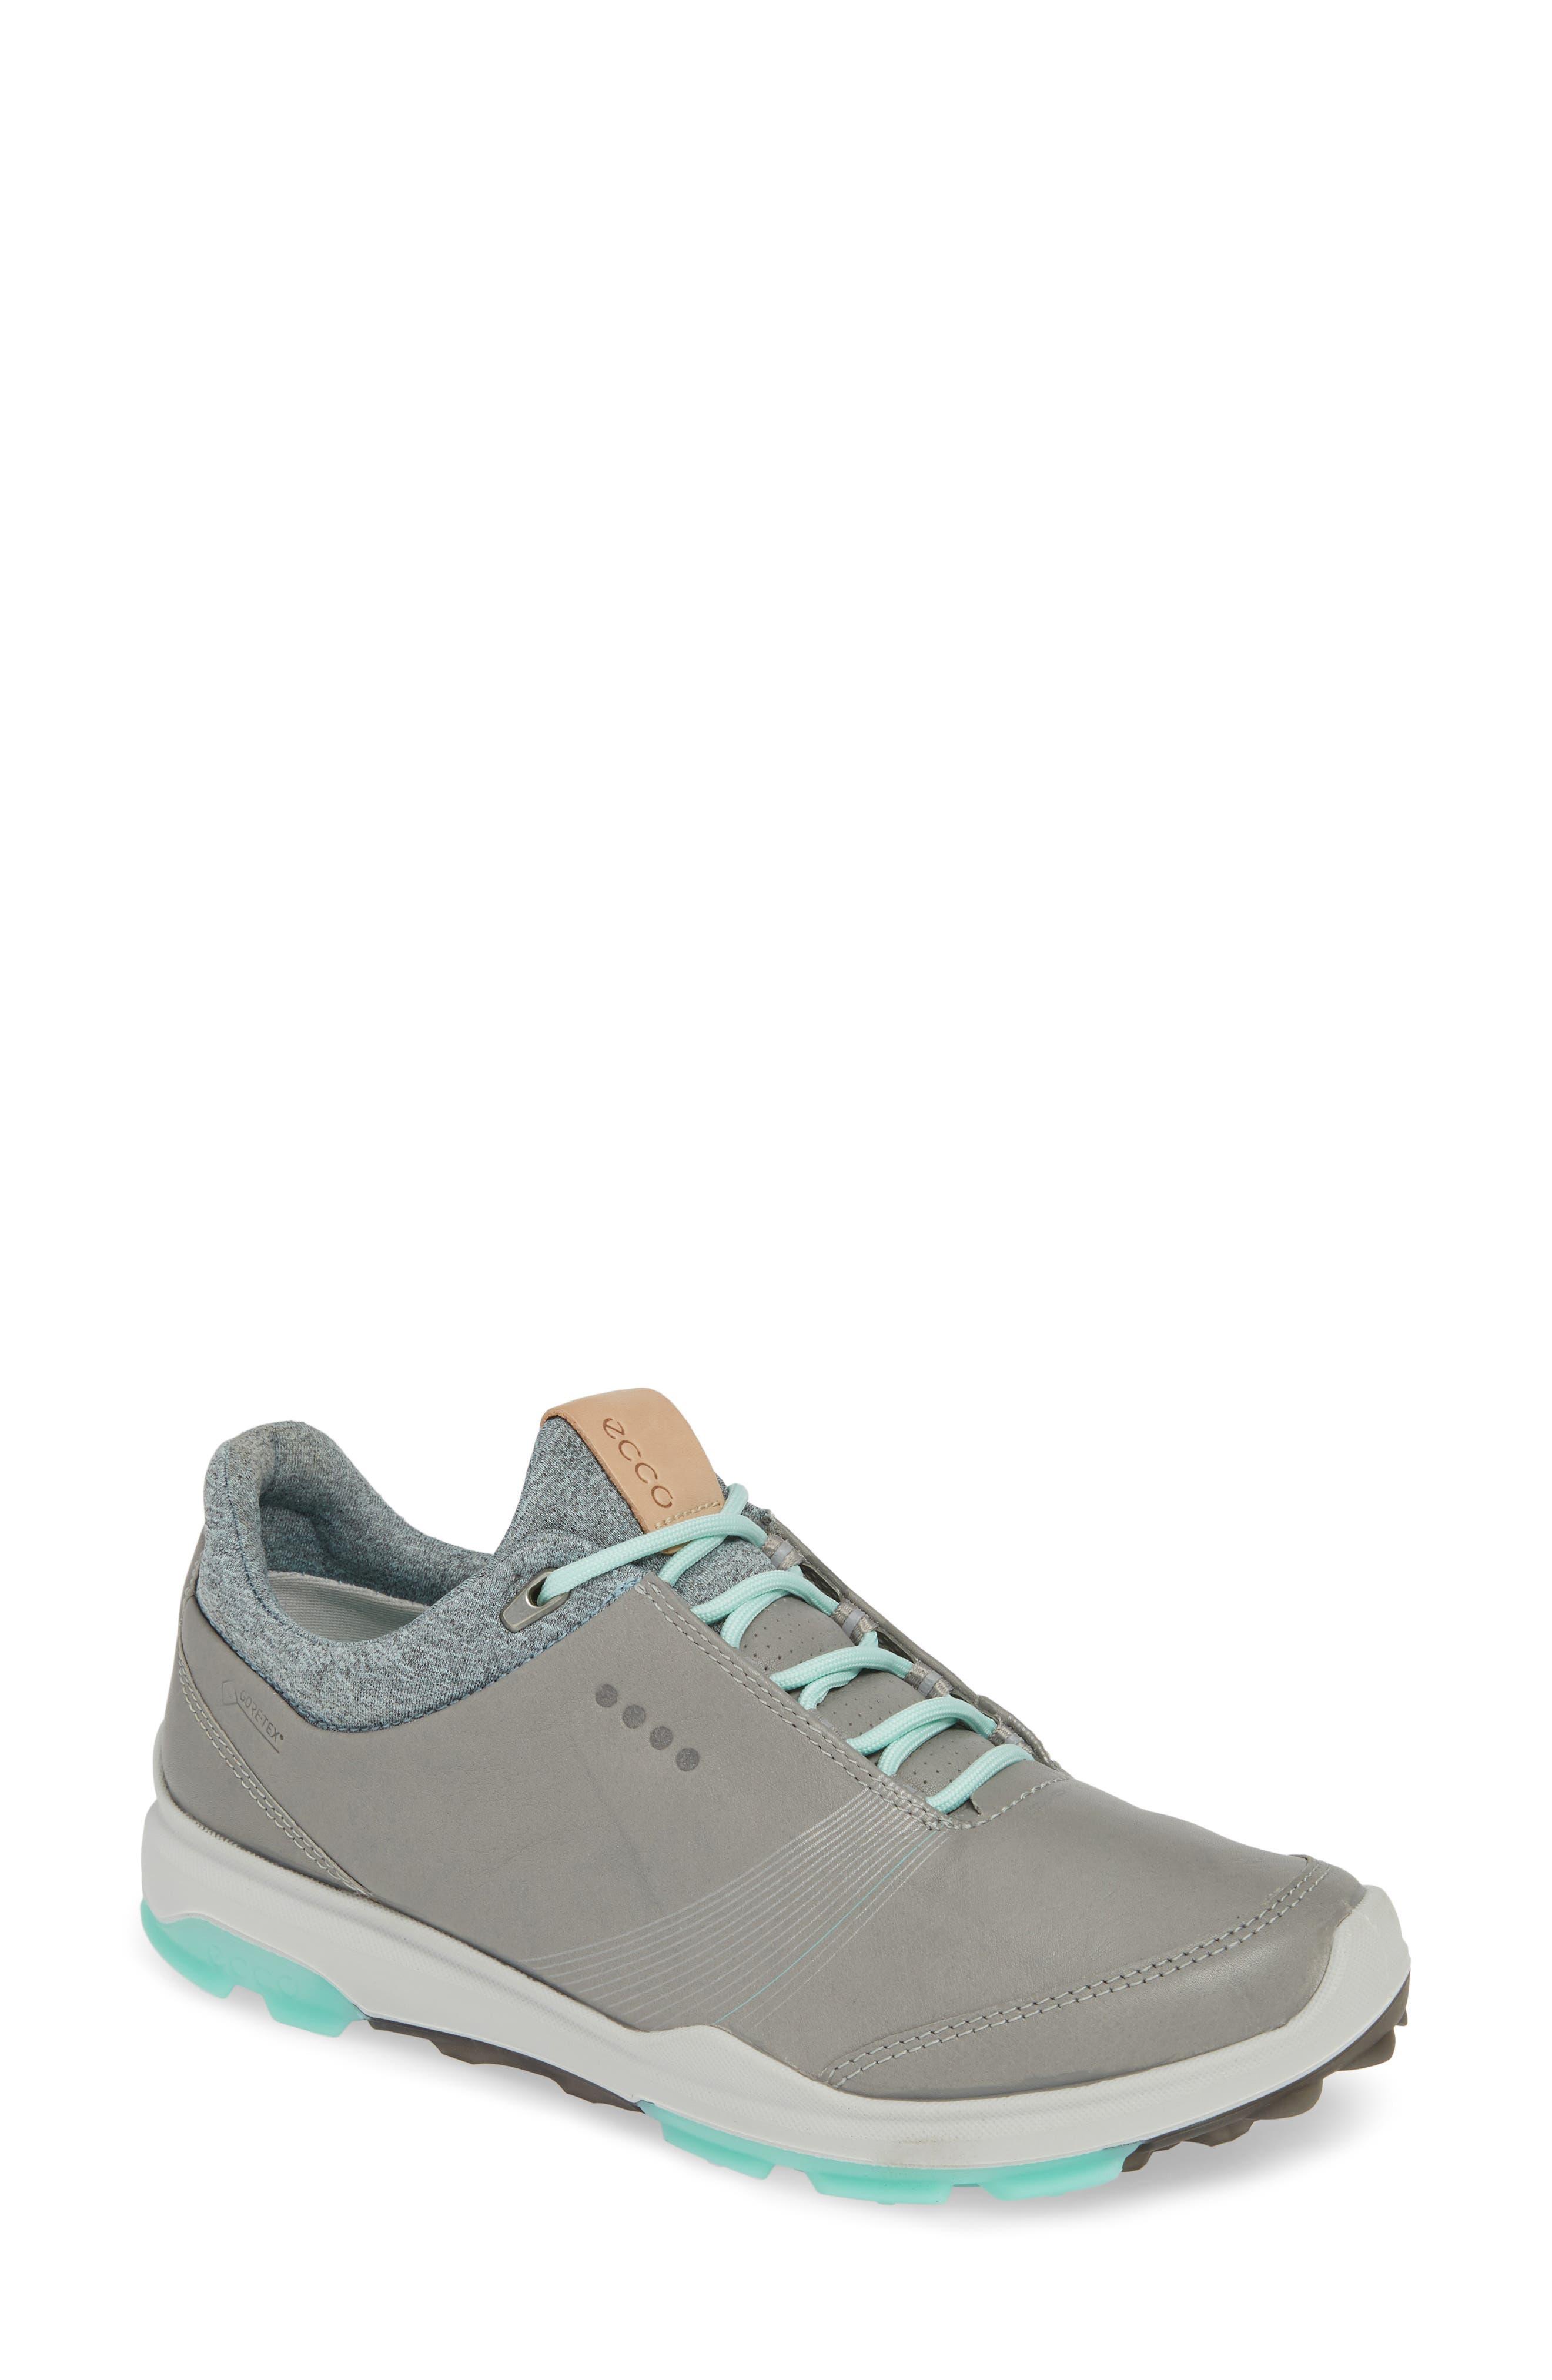 Ecco Biom Hybrid 3 Gtx Golf Shoe, Grey